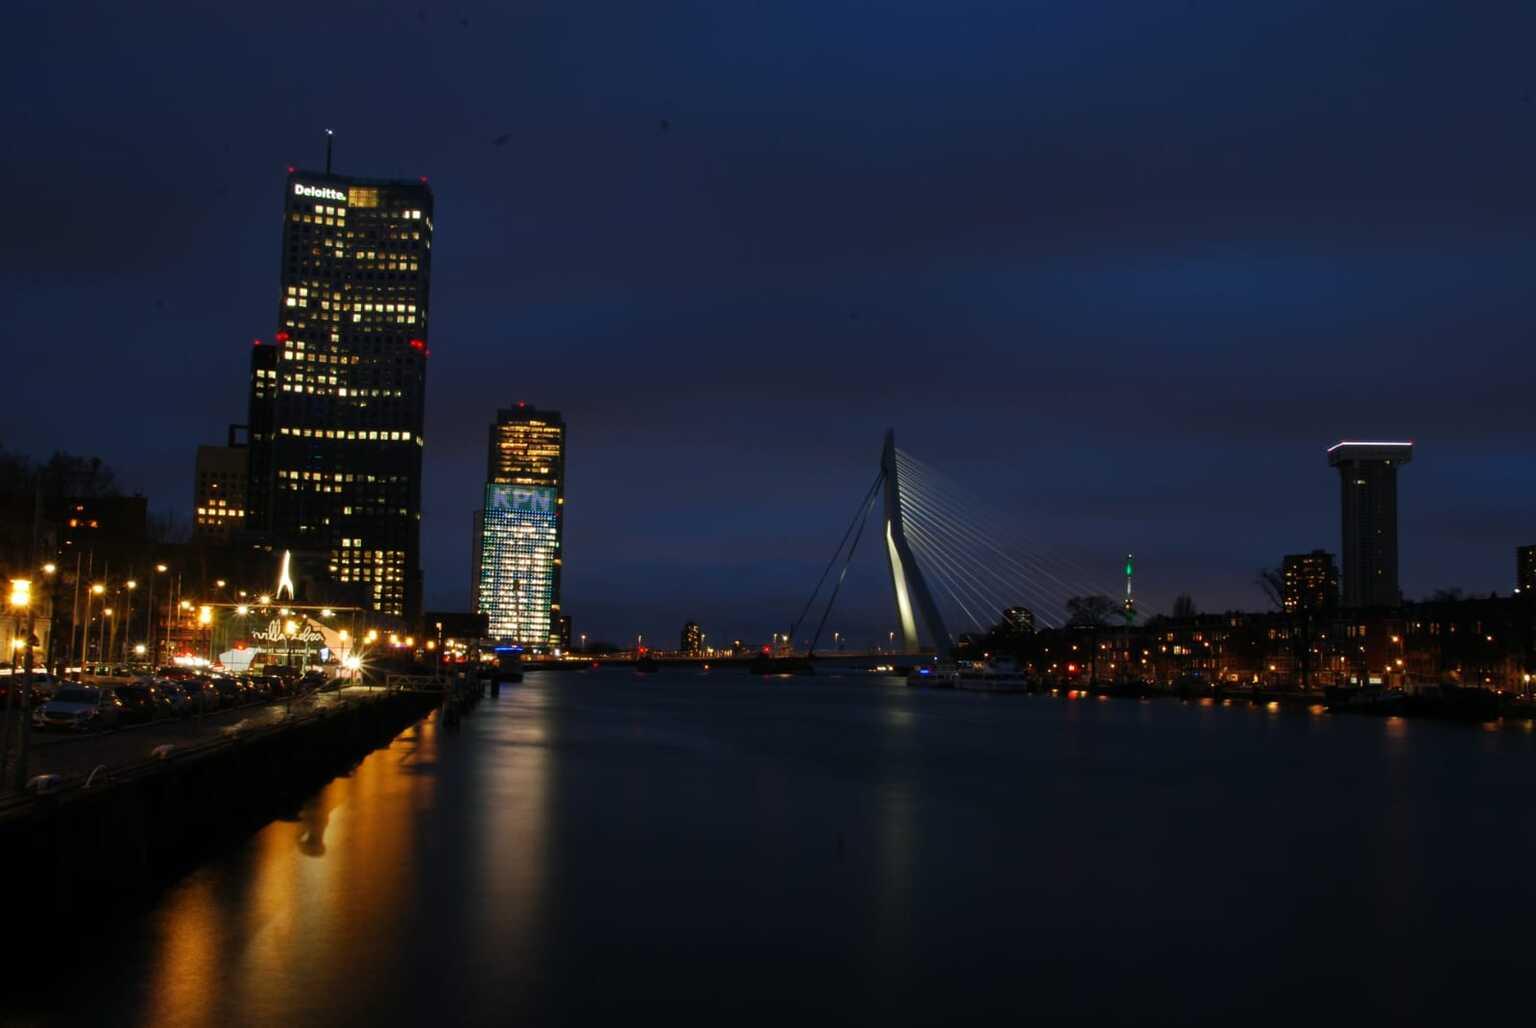 Erasmusbrug - erasmusbrug bij nacht - foto door Semdewit op 12-04-2021 - locatie: Rotterdam, Nederland - deze foto bevat: water, gebouw, lucht, wolkenkrabber, toren, natuur, schemer, torenblok, meer, wolk